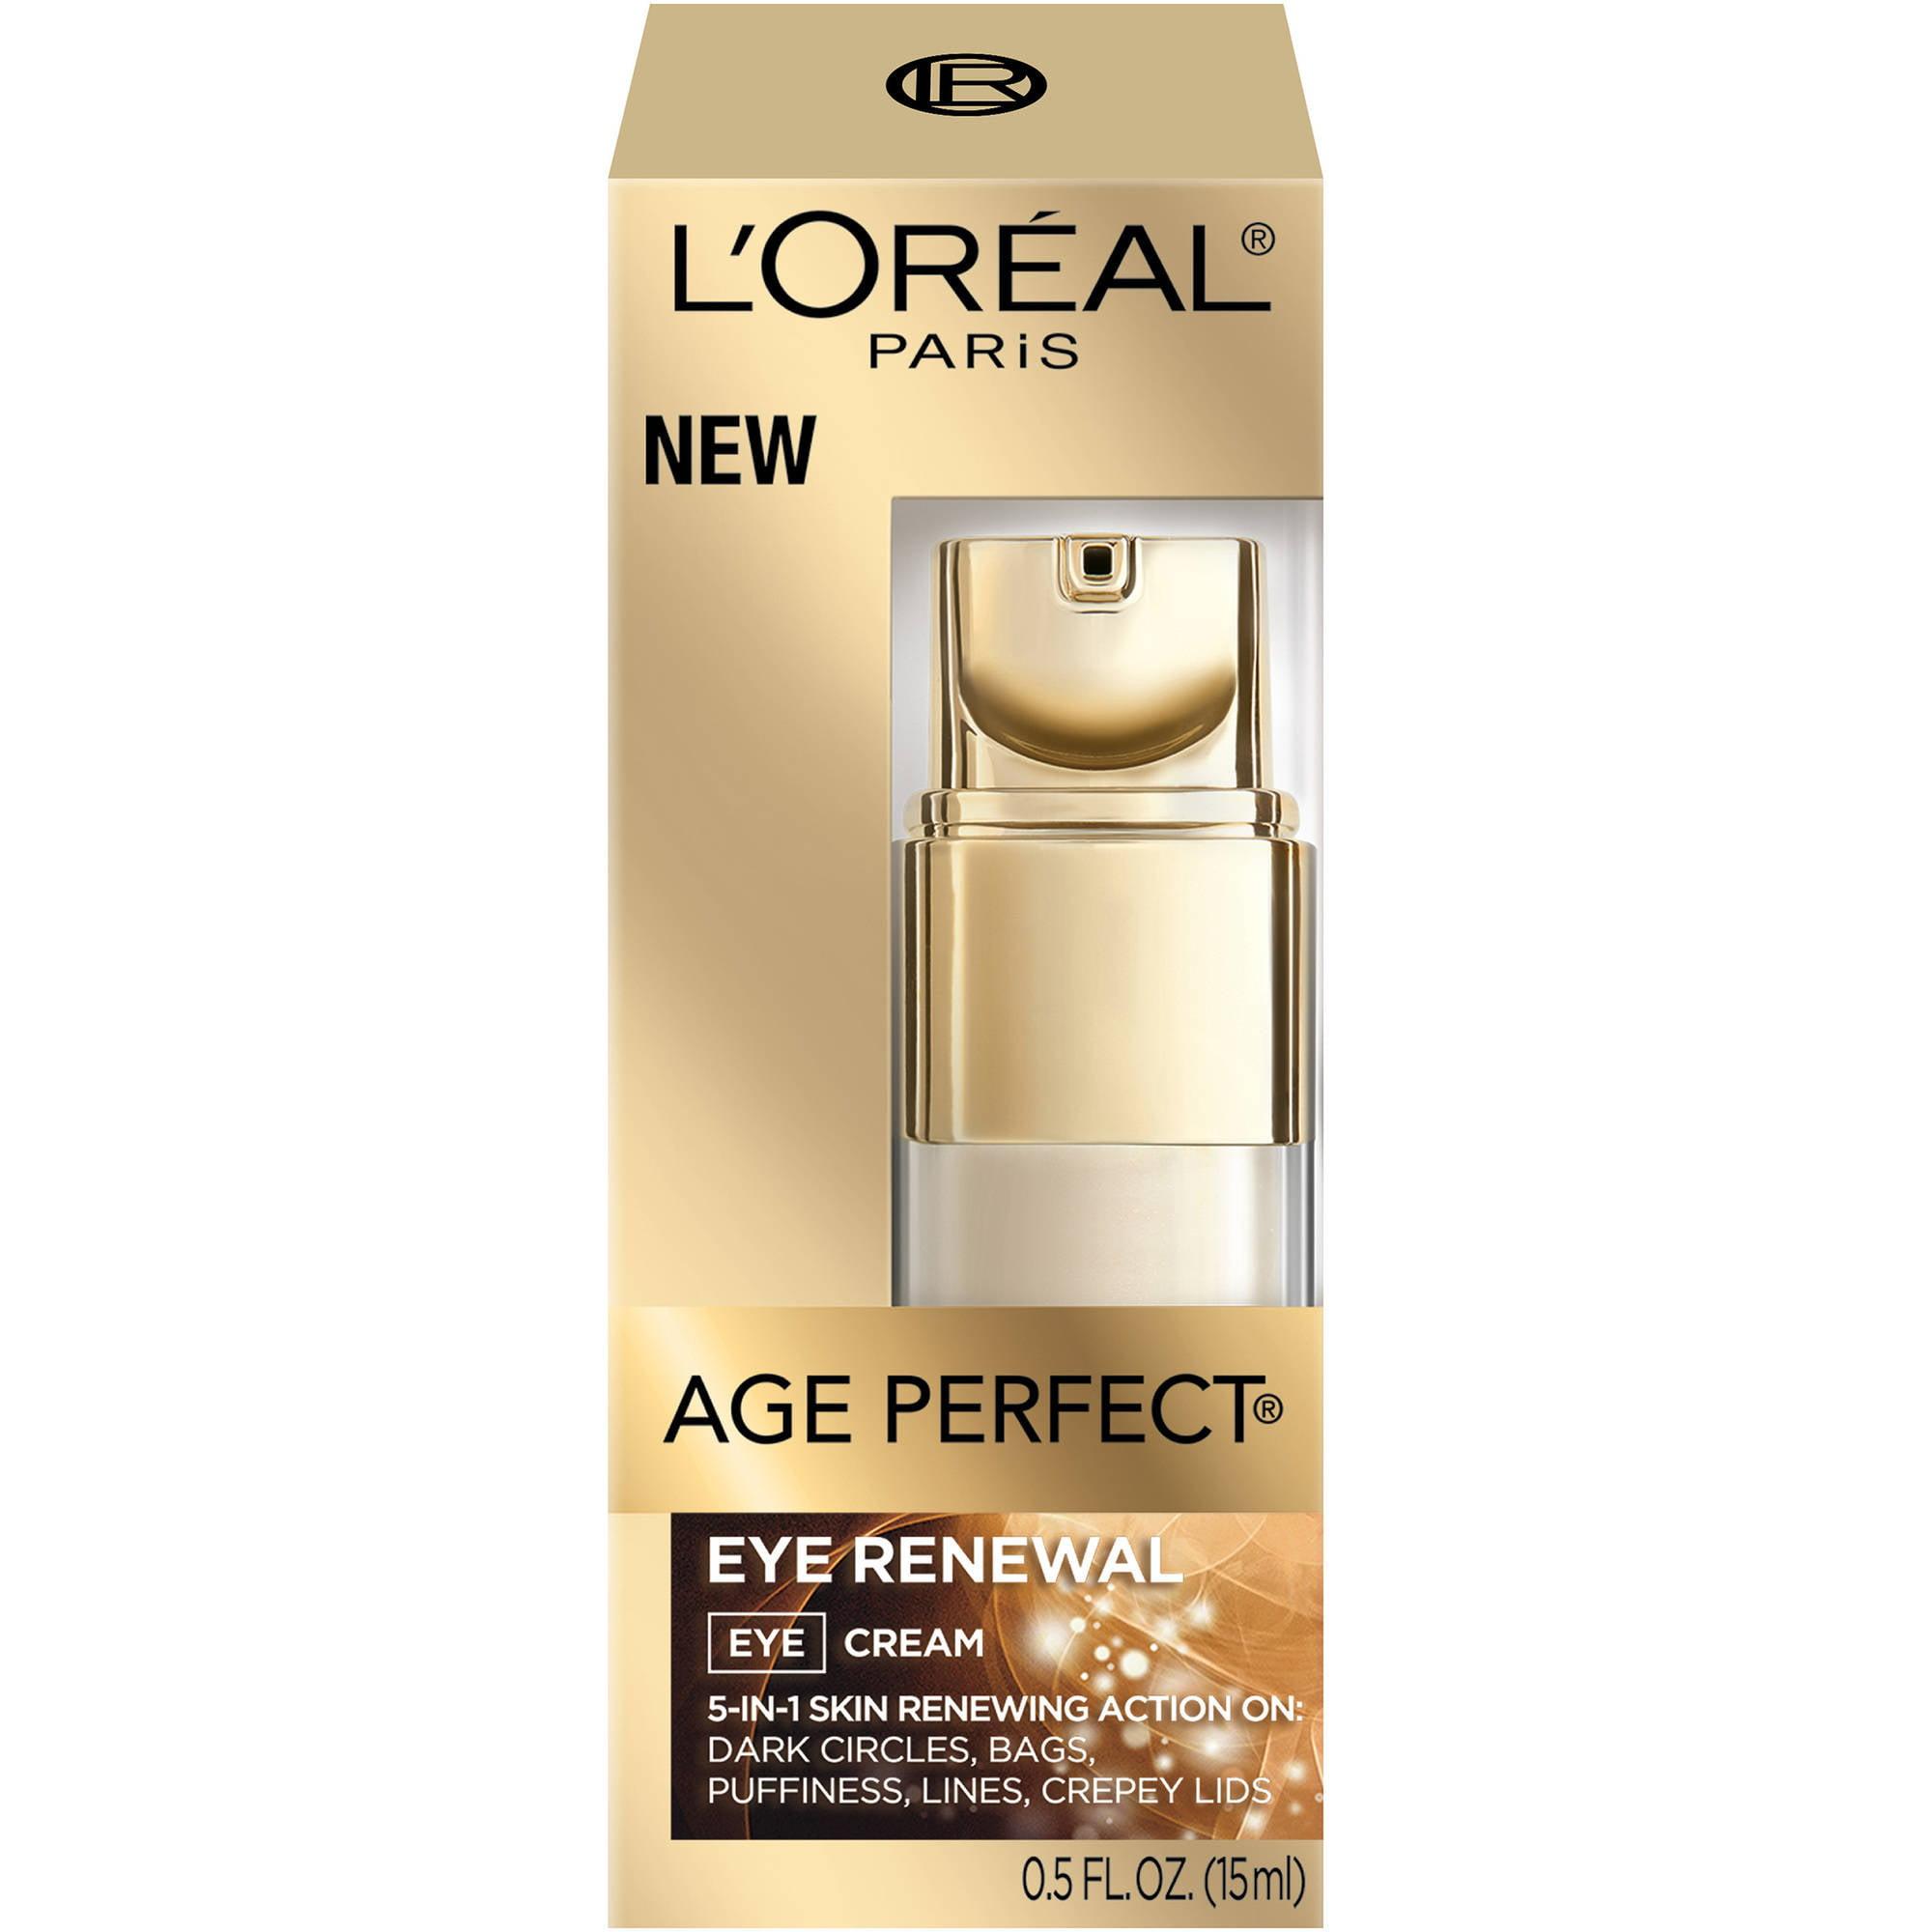 L'Oreal Paris Age Perfect Eye Renewal, 0.5 fl oz